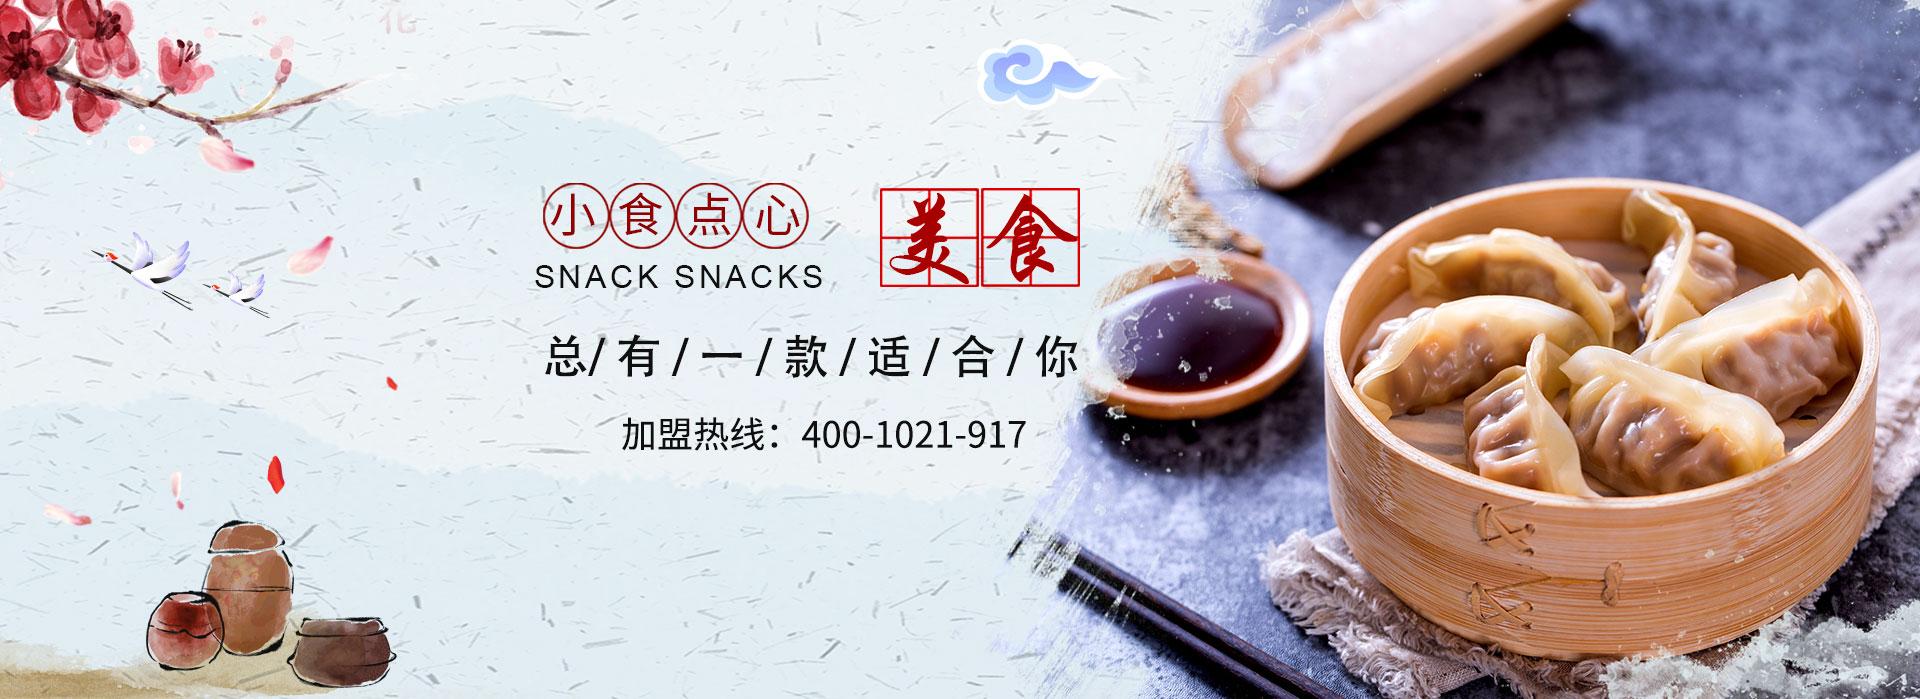 上海申岚餐饮管理有限公司